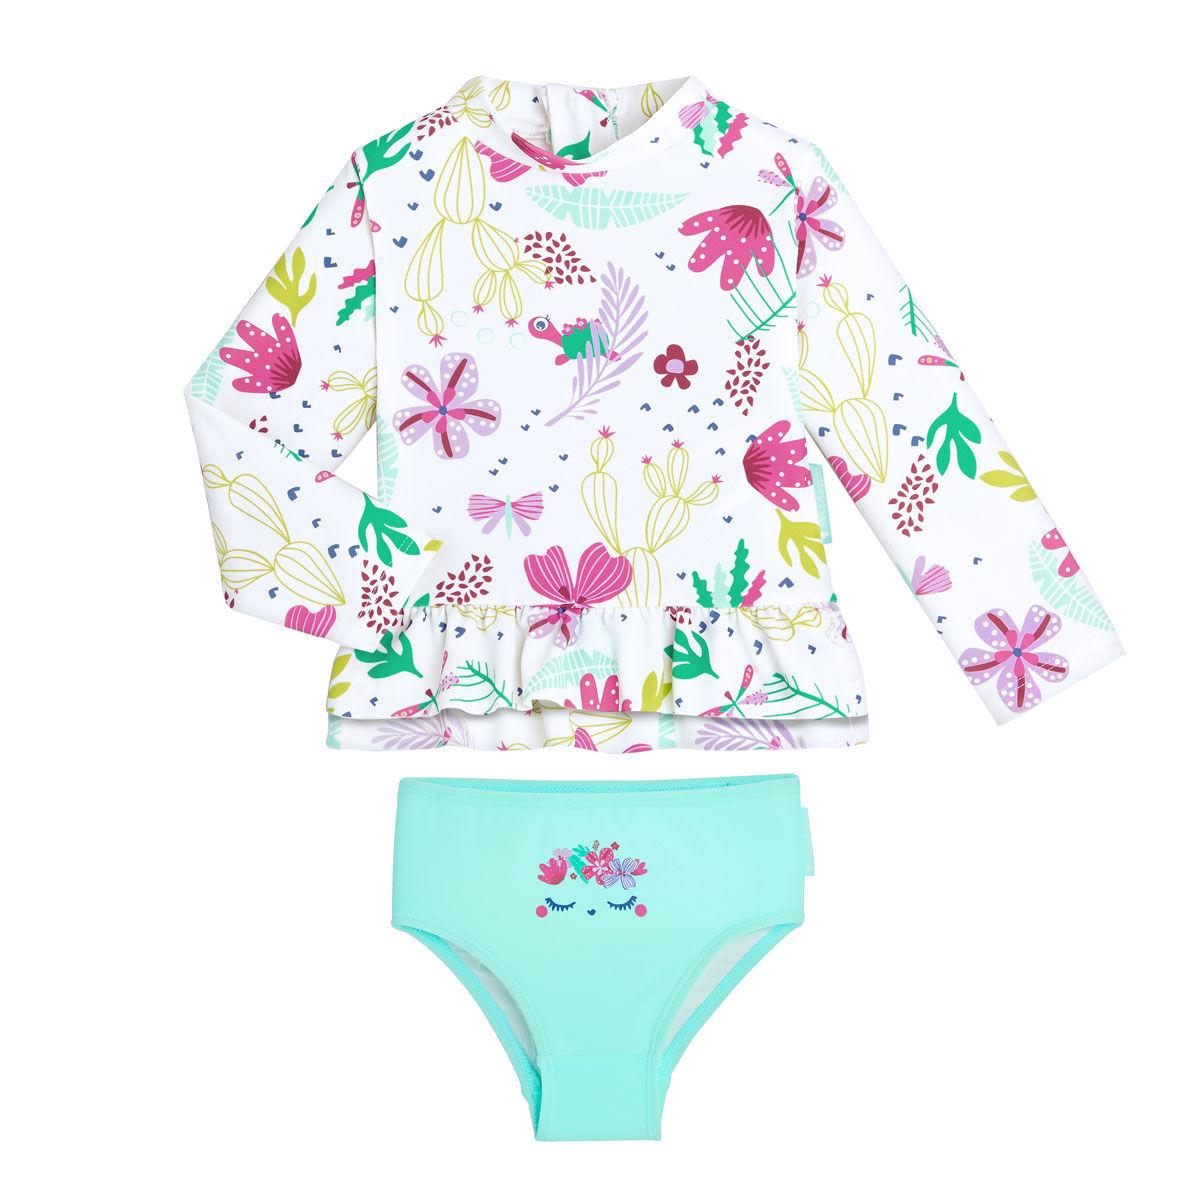 Petit Béguin Maillot de bain ANTI-UV fille 2 pièces t-shirt & culotte Tropic Coco - Taille - 24 mois